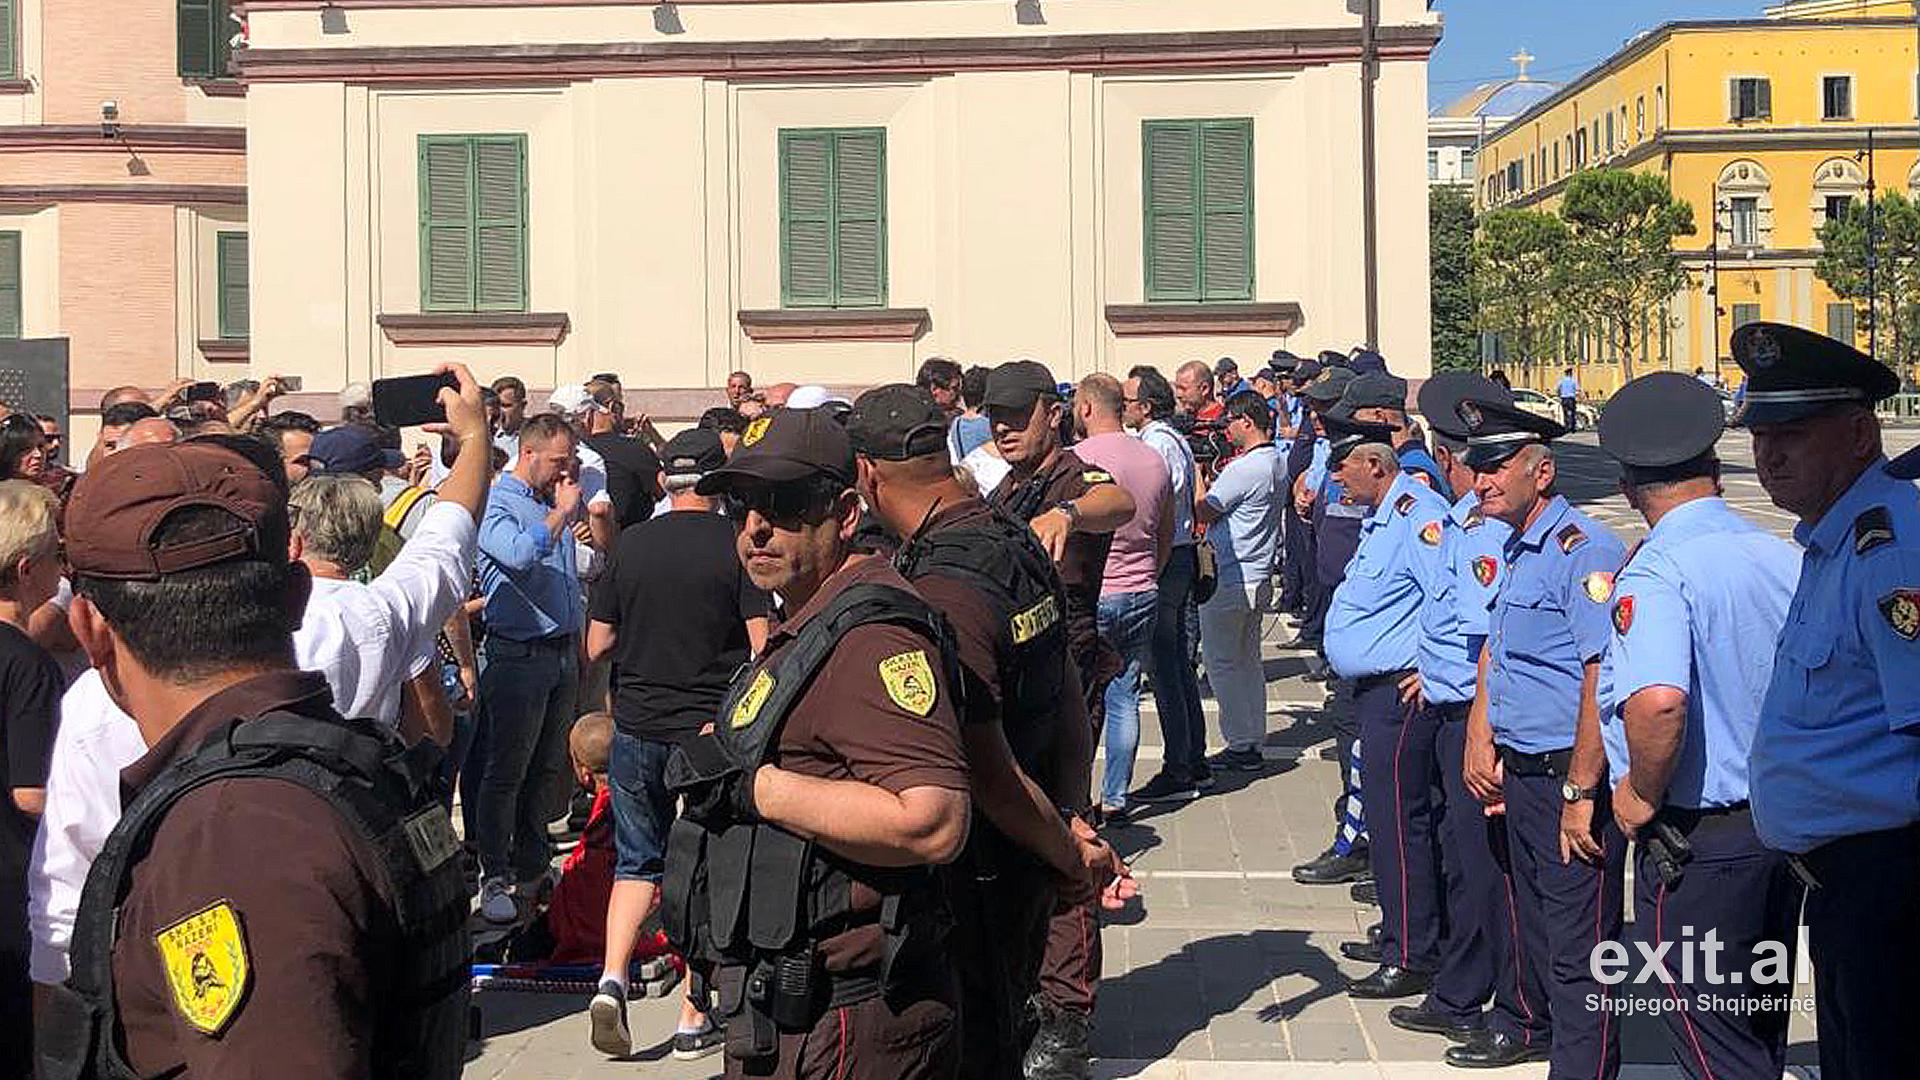 Tensione tek teatri kombëtar—policia bllokon hyrjen, mblidhen qindra qytetarë